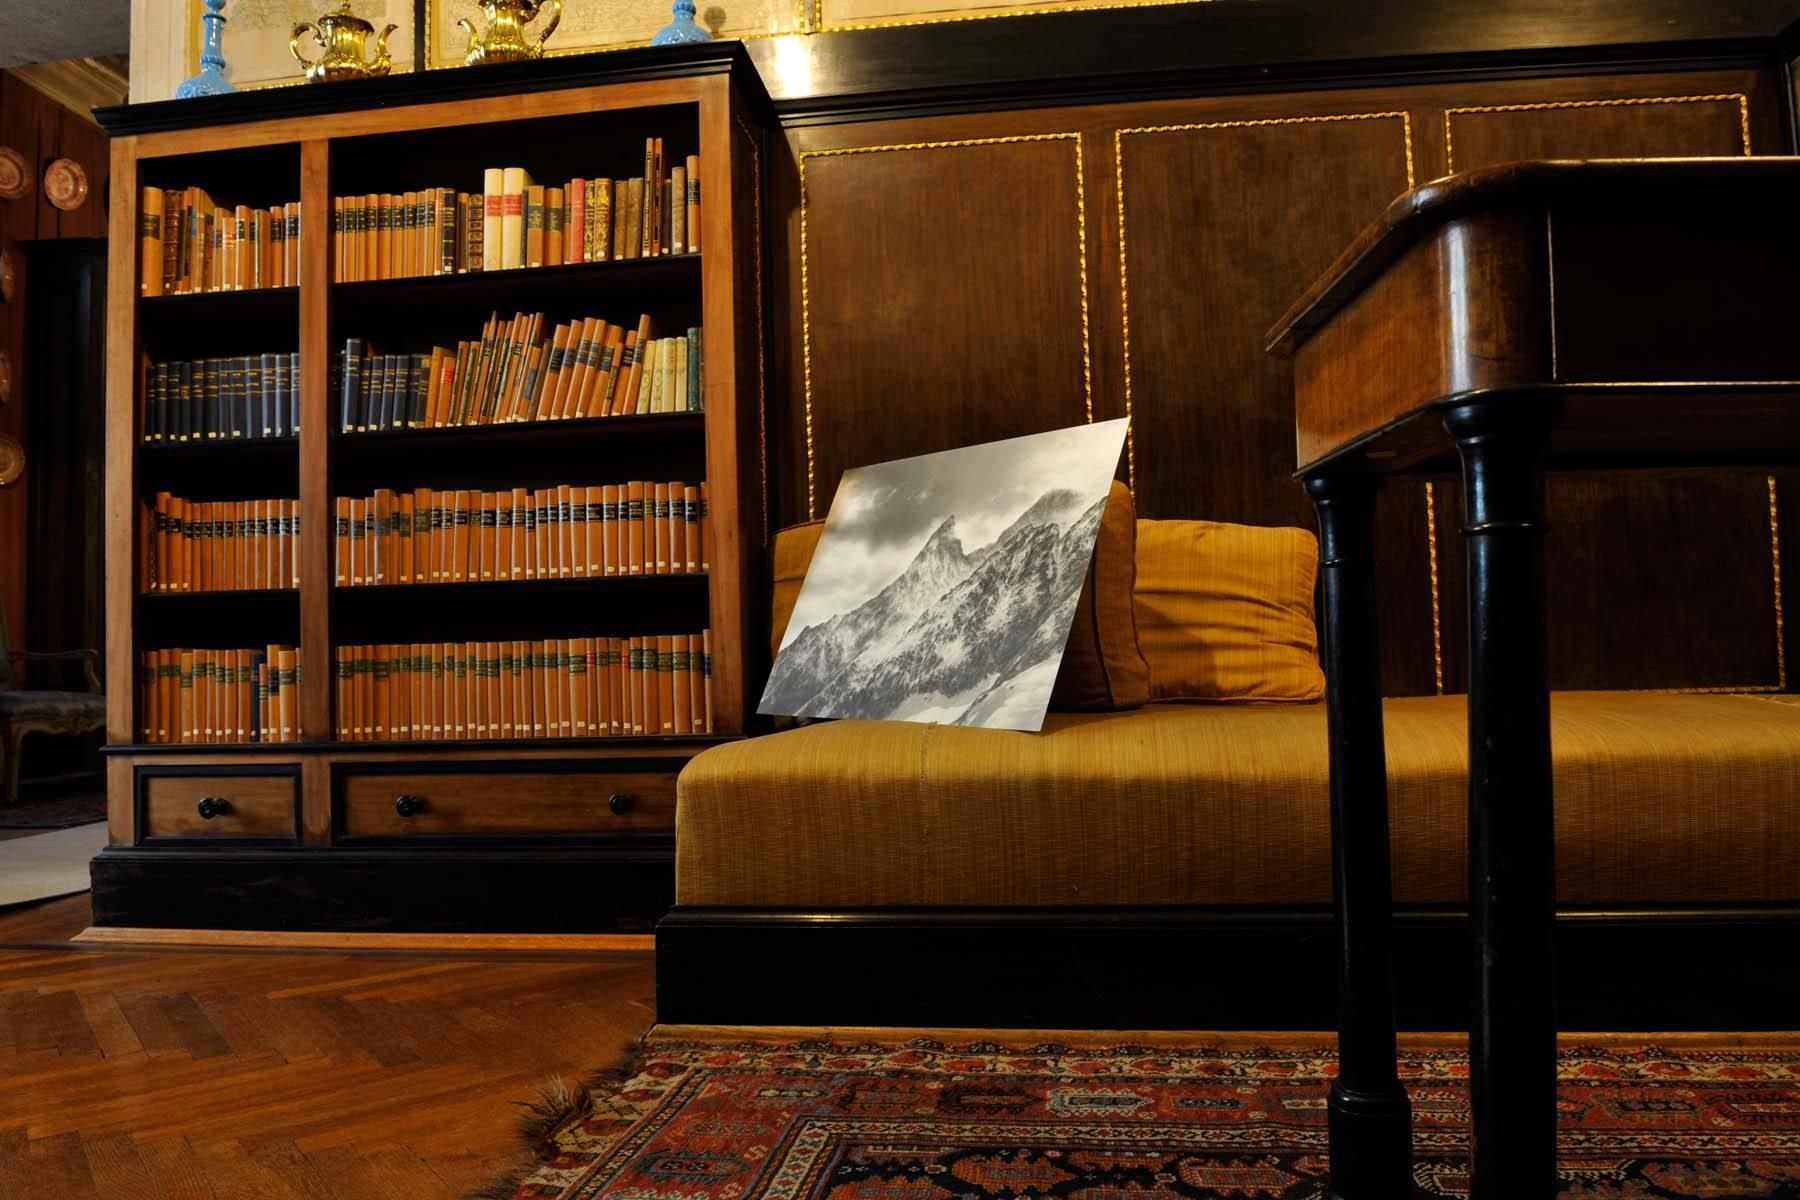 Serse, Notti bianche, 2004, grafite su carta su alluminio, 65 x 100 cm, U. Egger